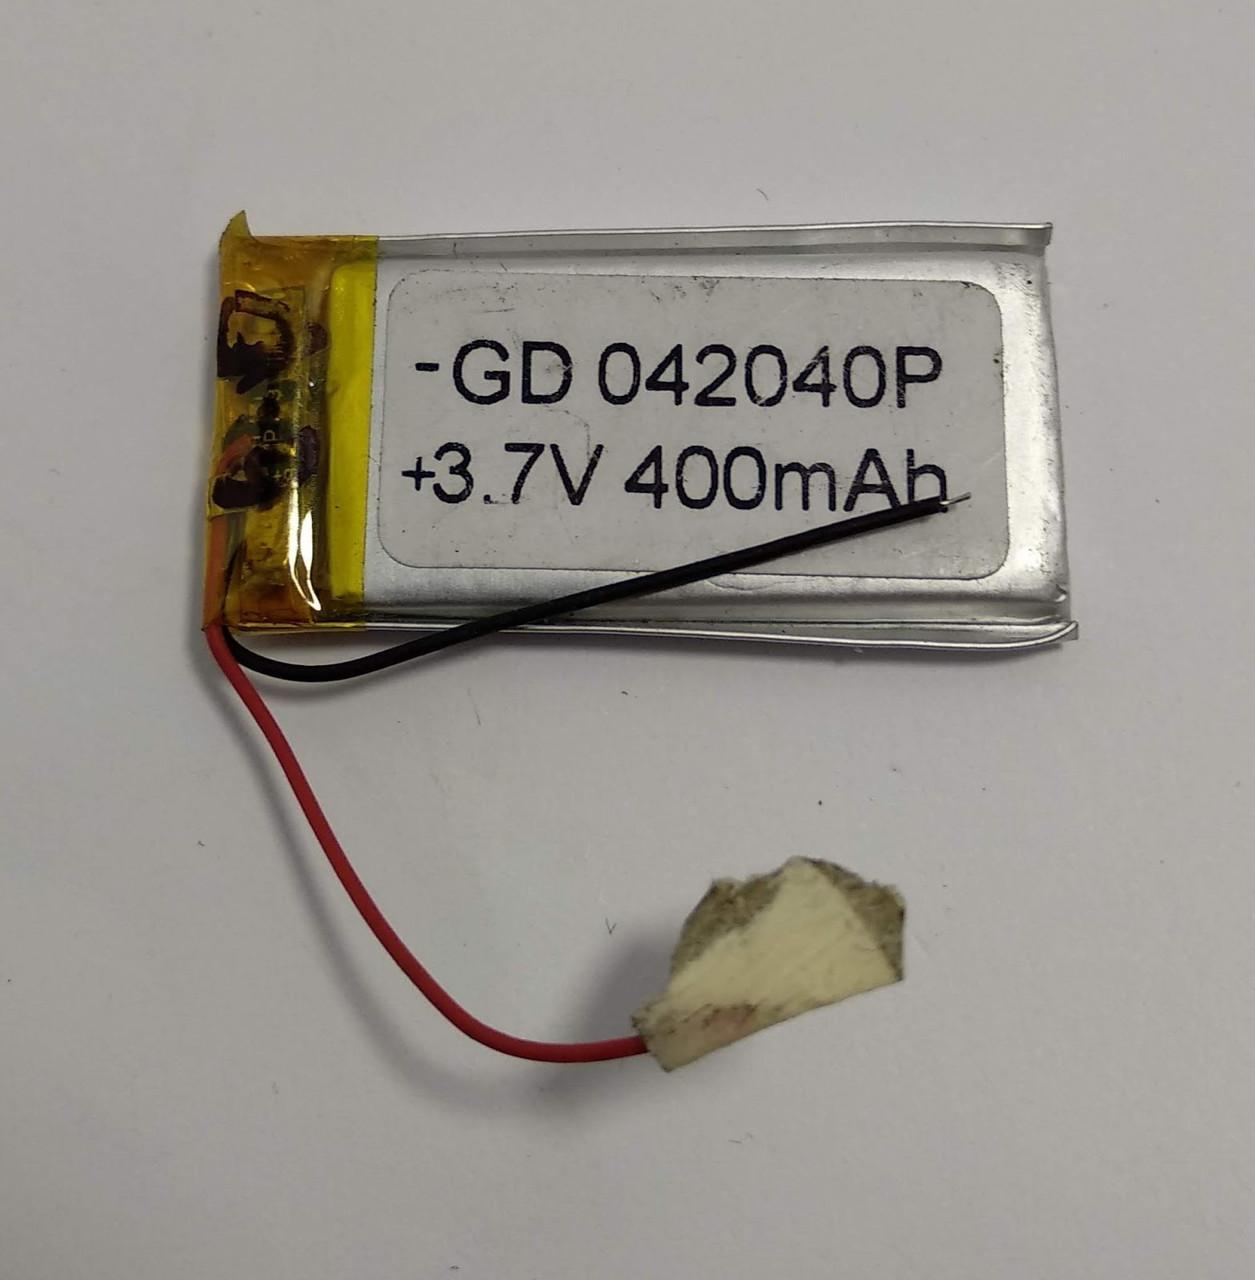 Акумулятор -GD 042040P 400mAh Li-ion +3.7V